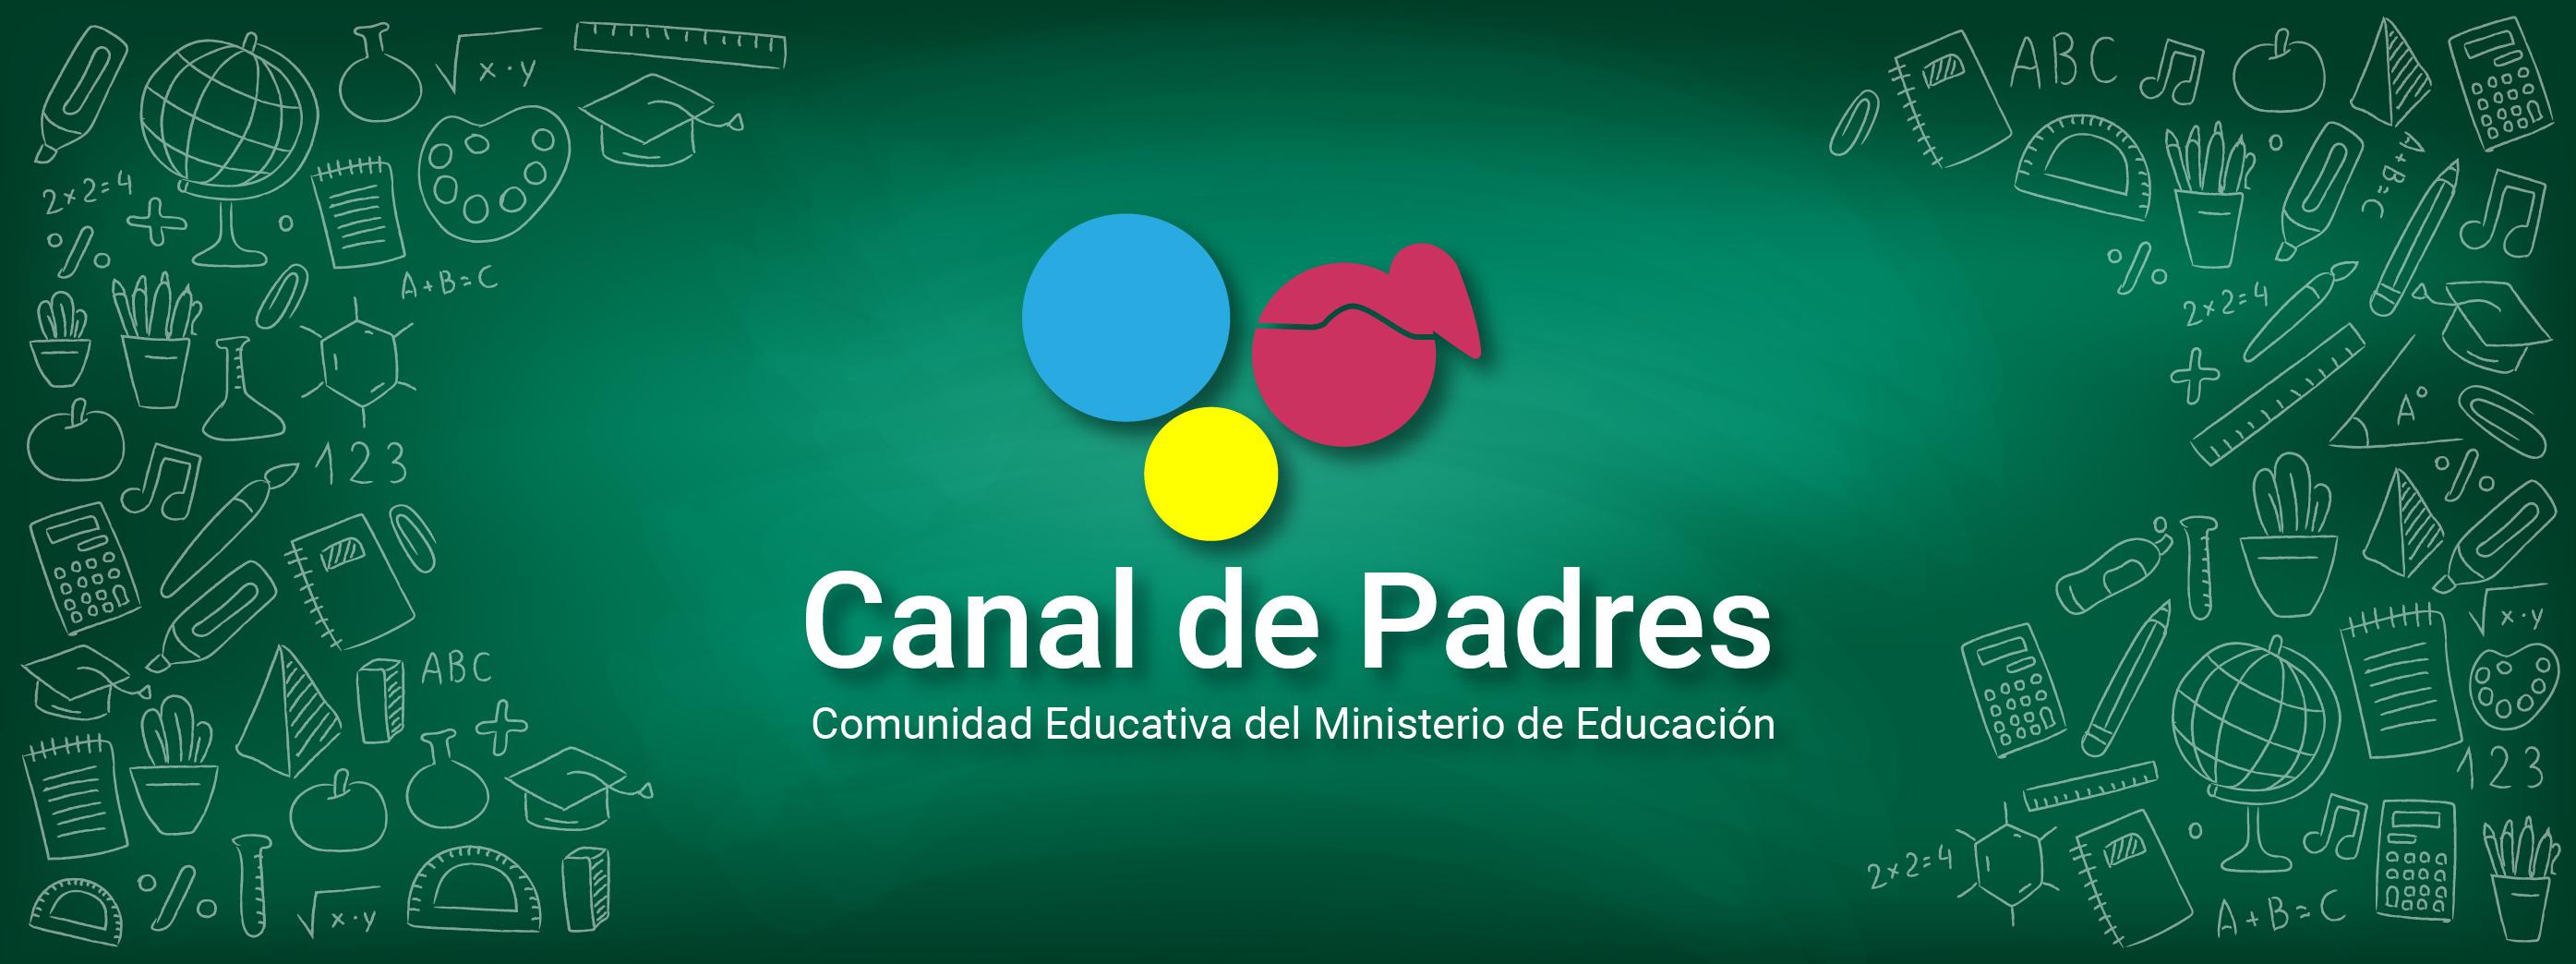 Canal de Padres. Comunidad Educactiva MINERD